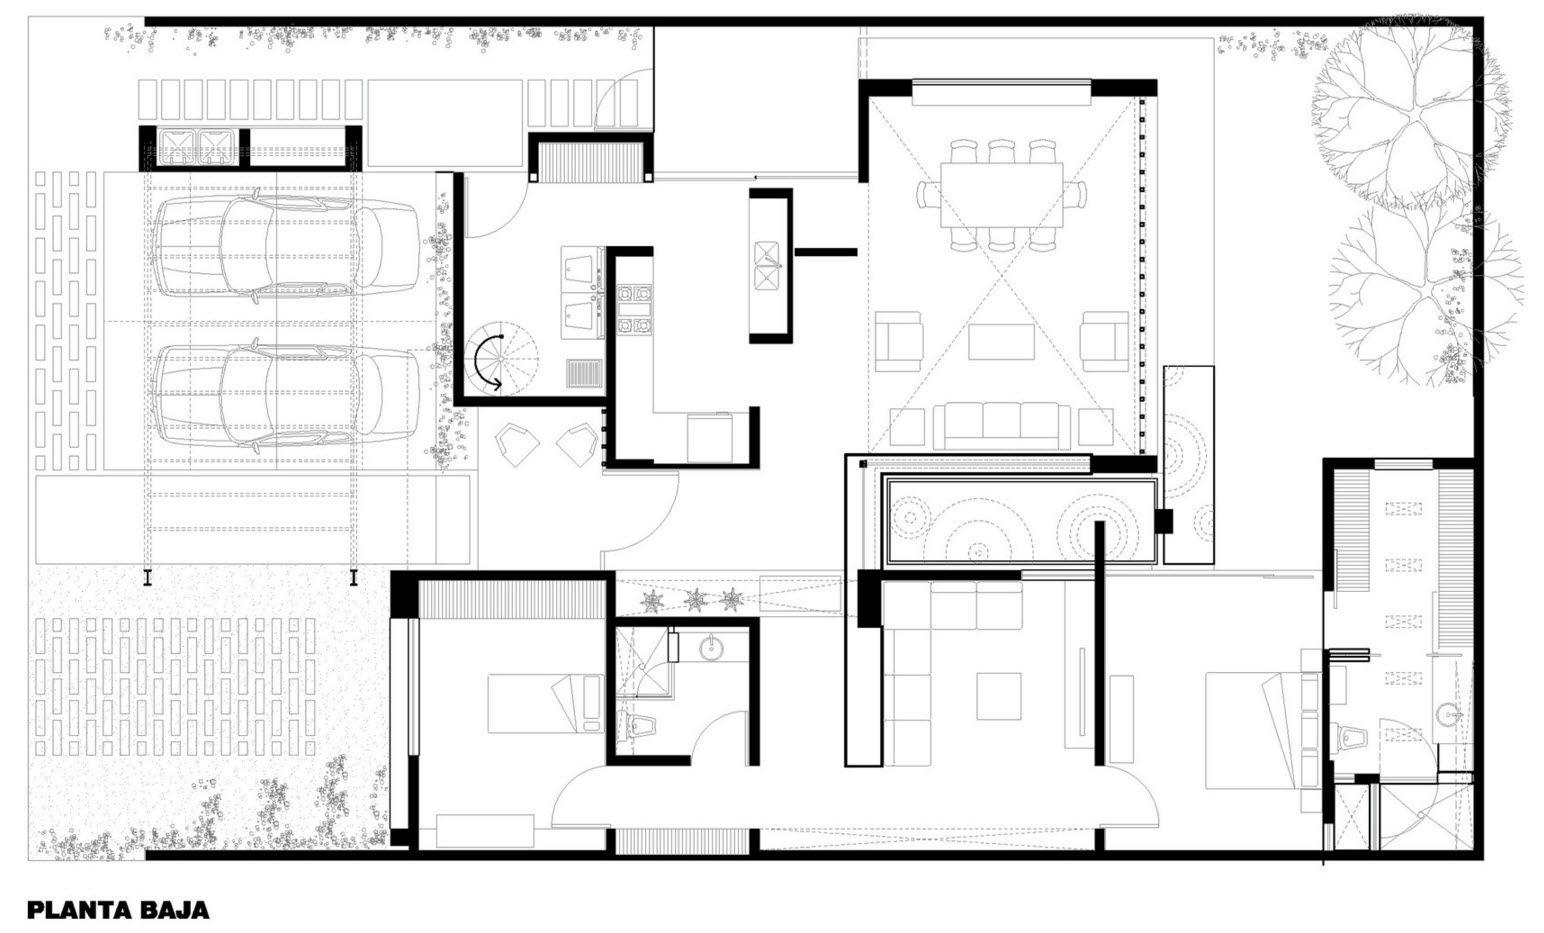 10 ideas de casas modernas de un piso, descubre las tendencias ...